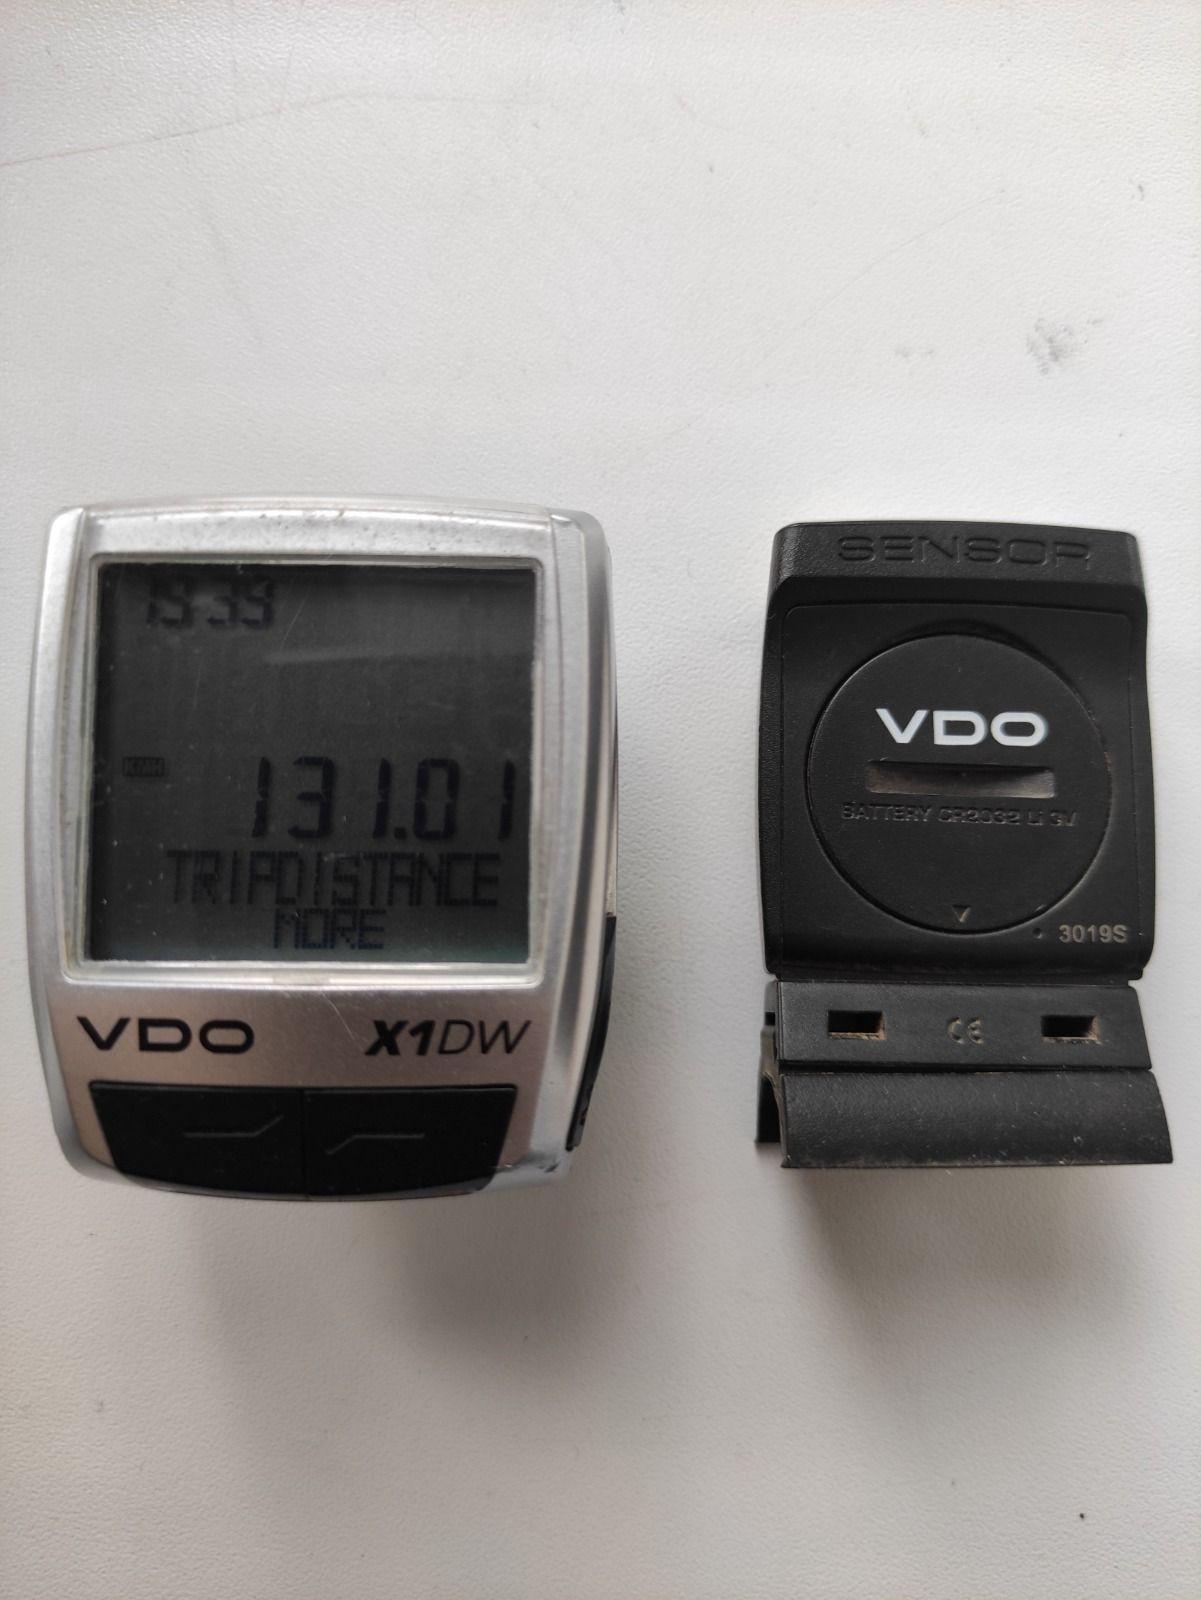 Велокомпьютер VDO X1DW беспроводной.